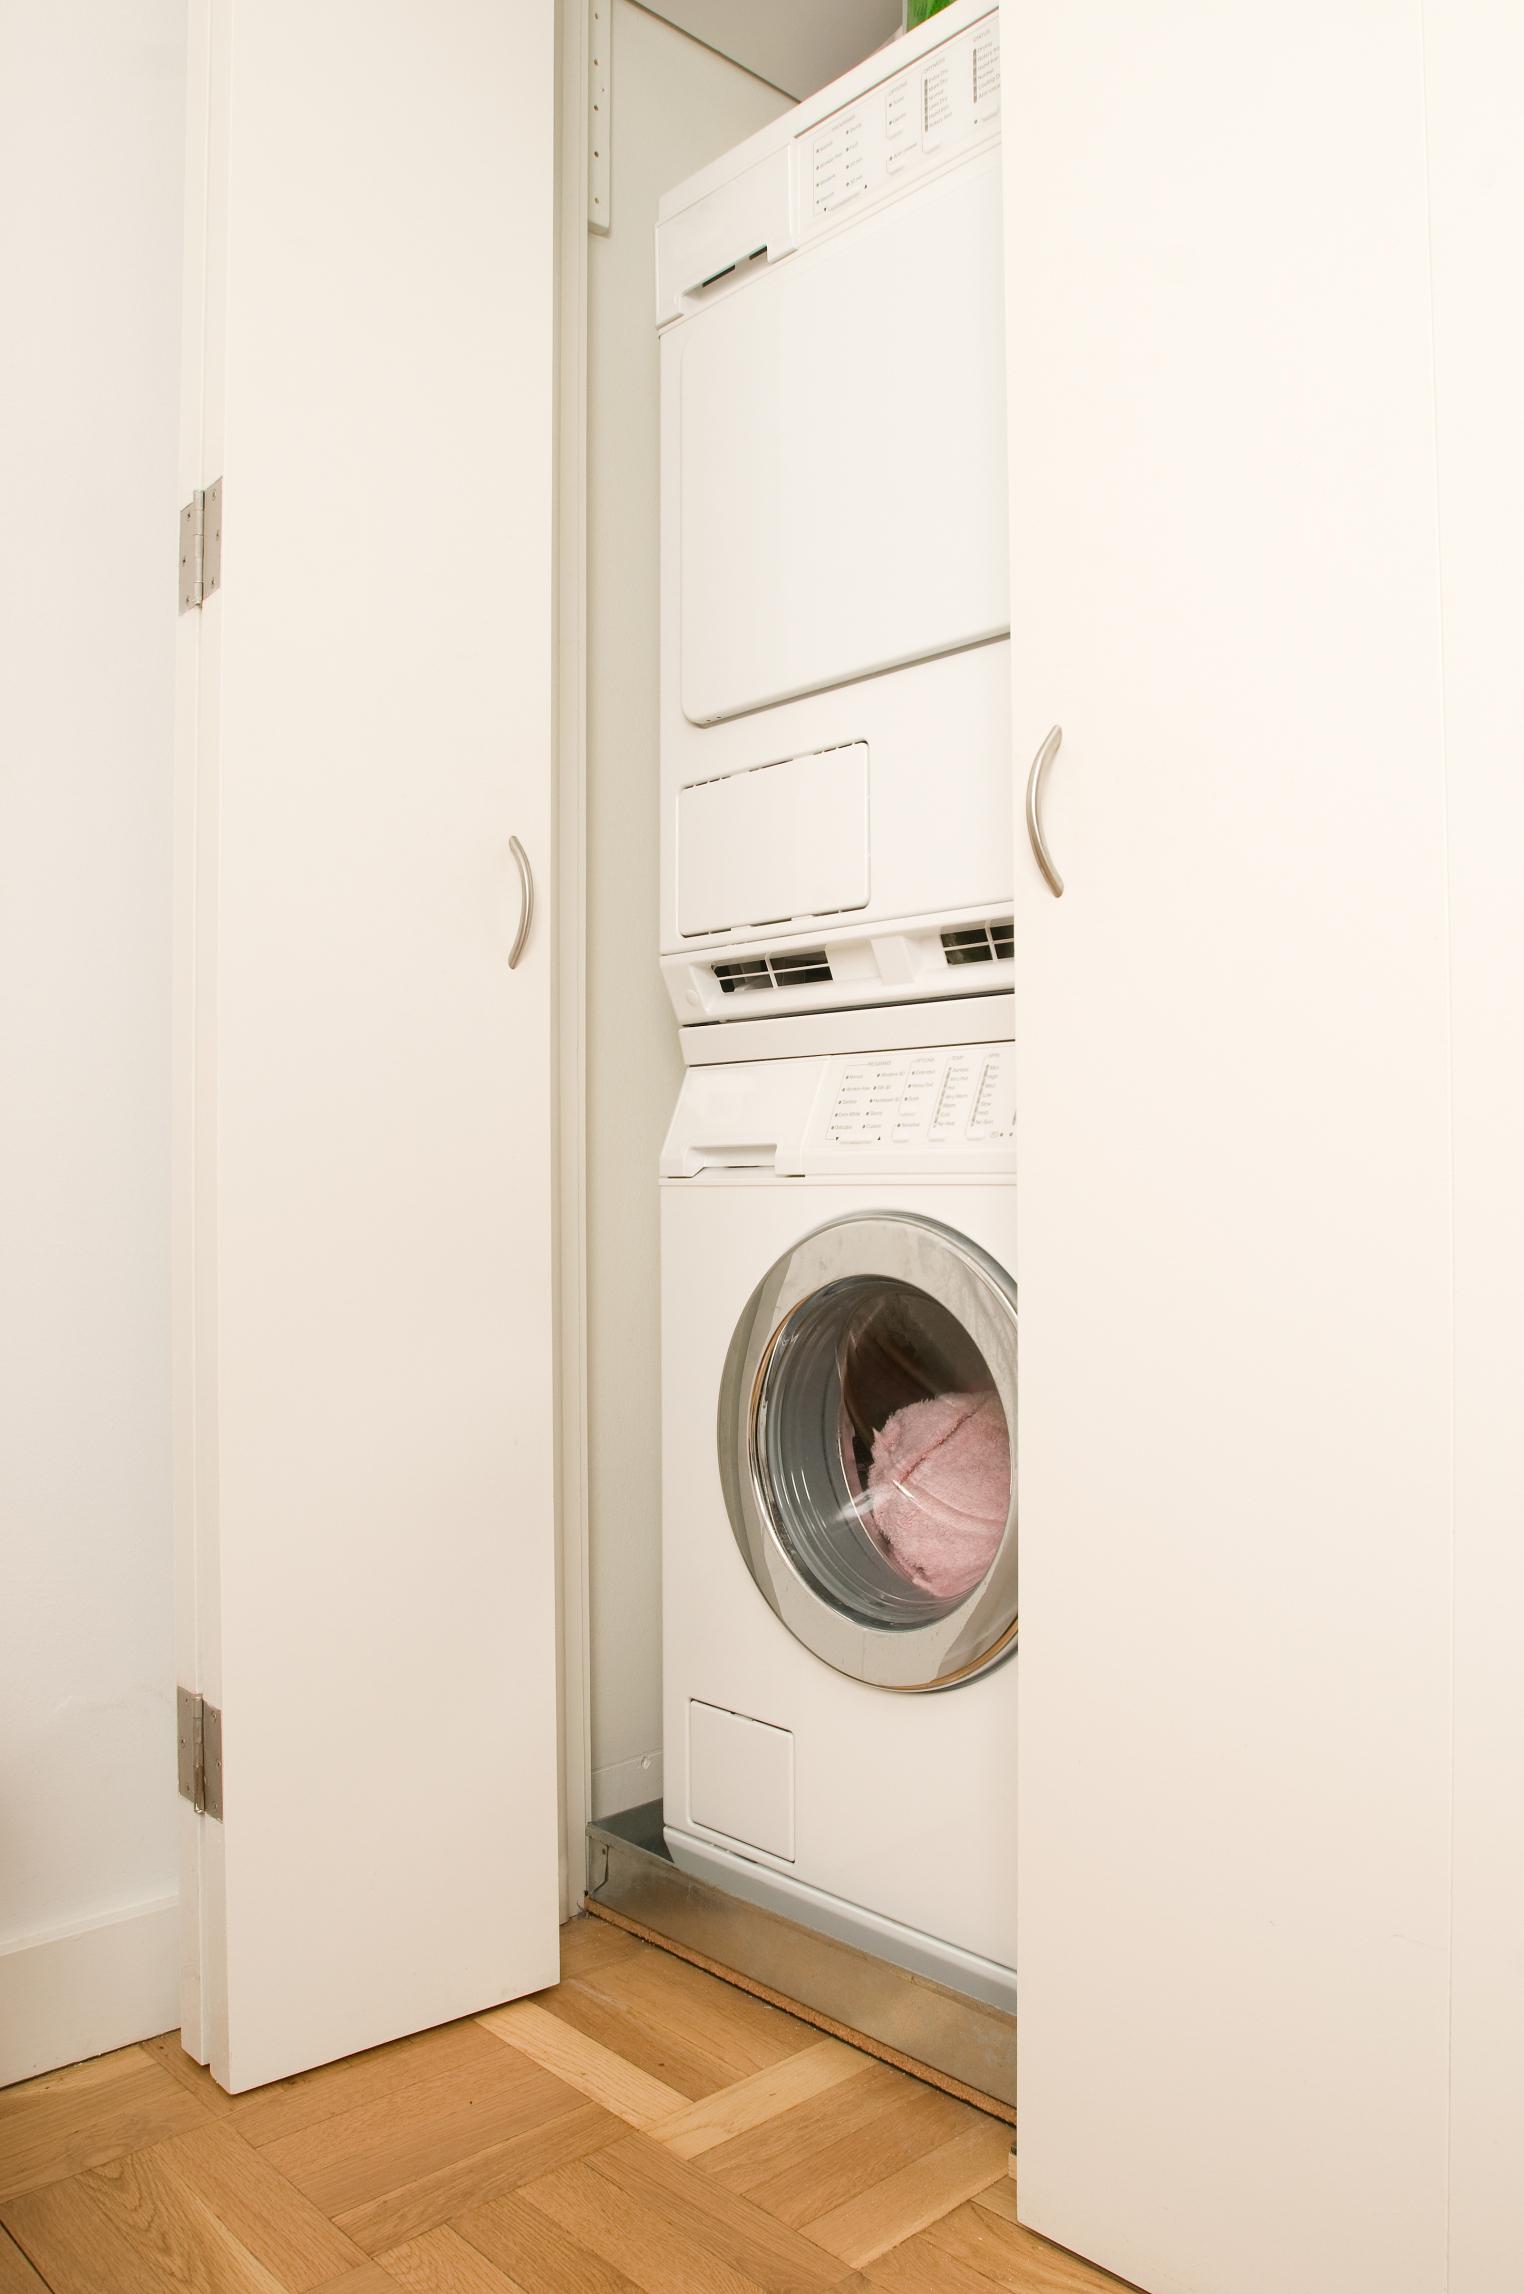 Secadora encima de lavadora simple secadora encima de lavadora with secadora encima de lavadora - Soporte secadora sobre lavadora ...